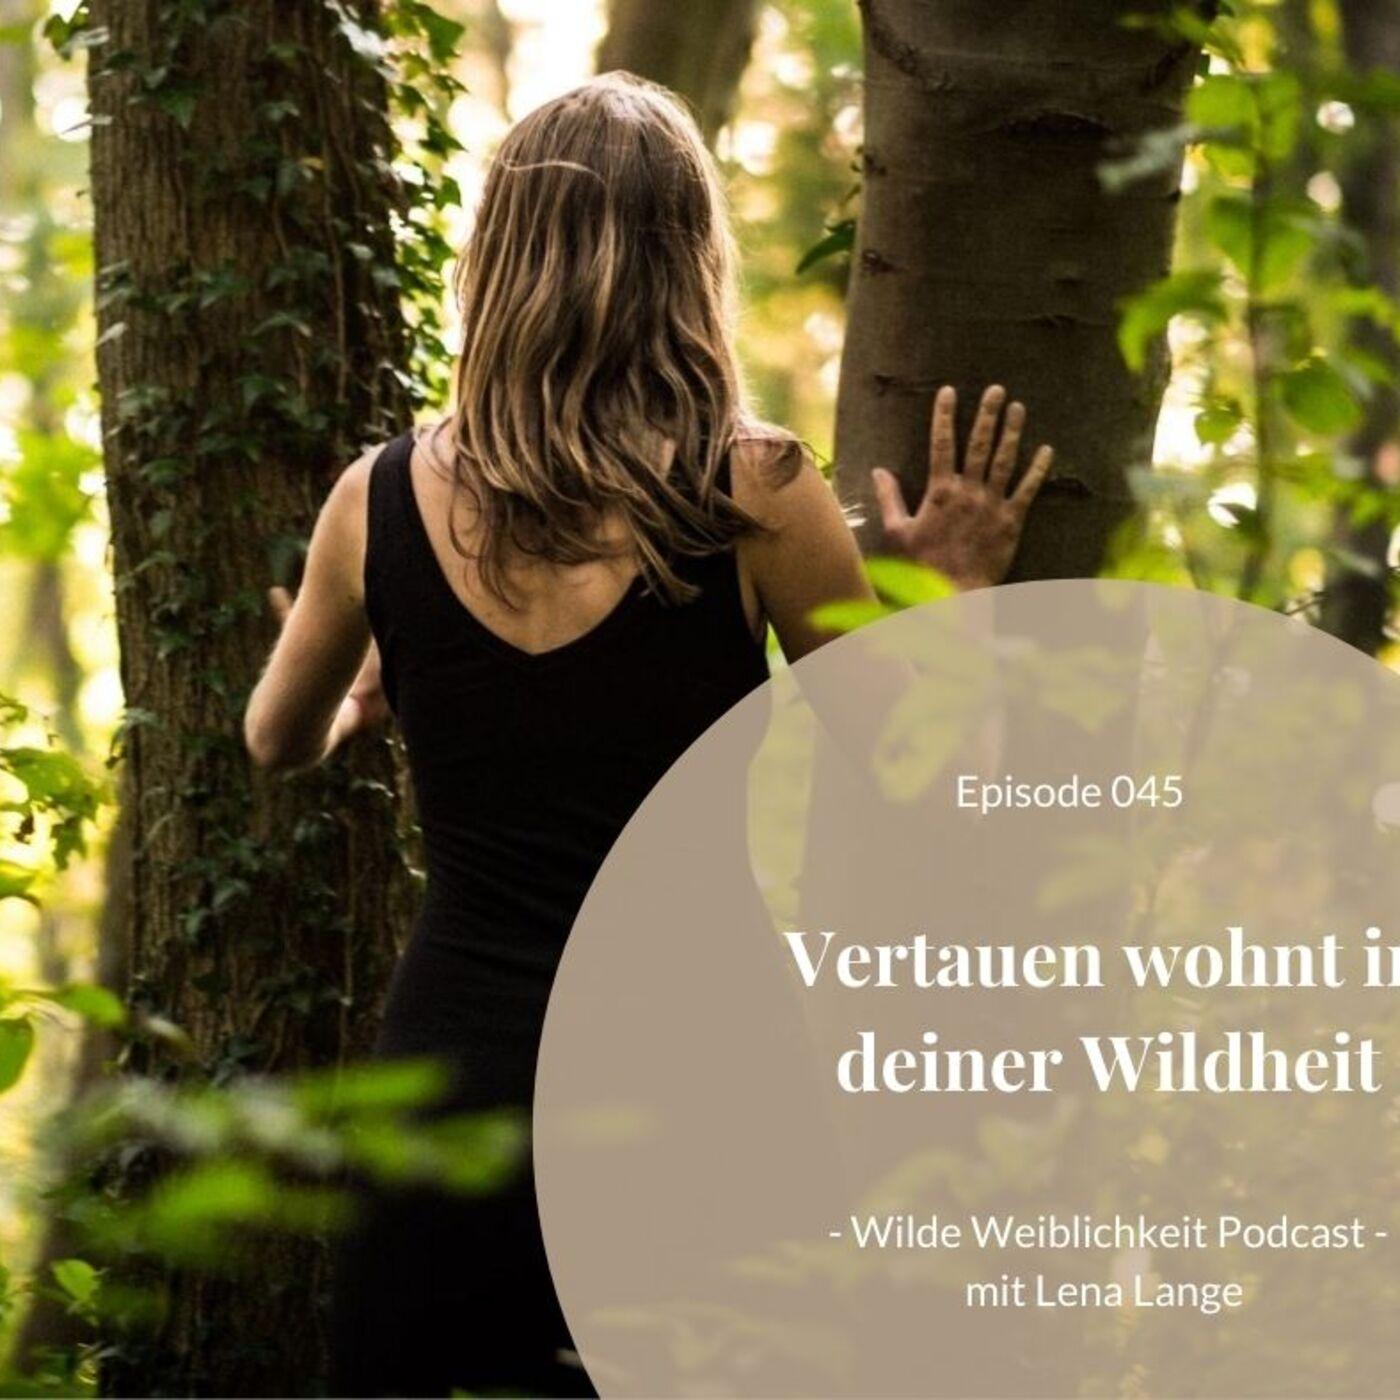 045: Vertrauen wohnt in deiner Wildheit